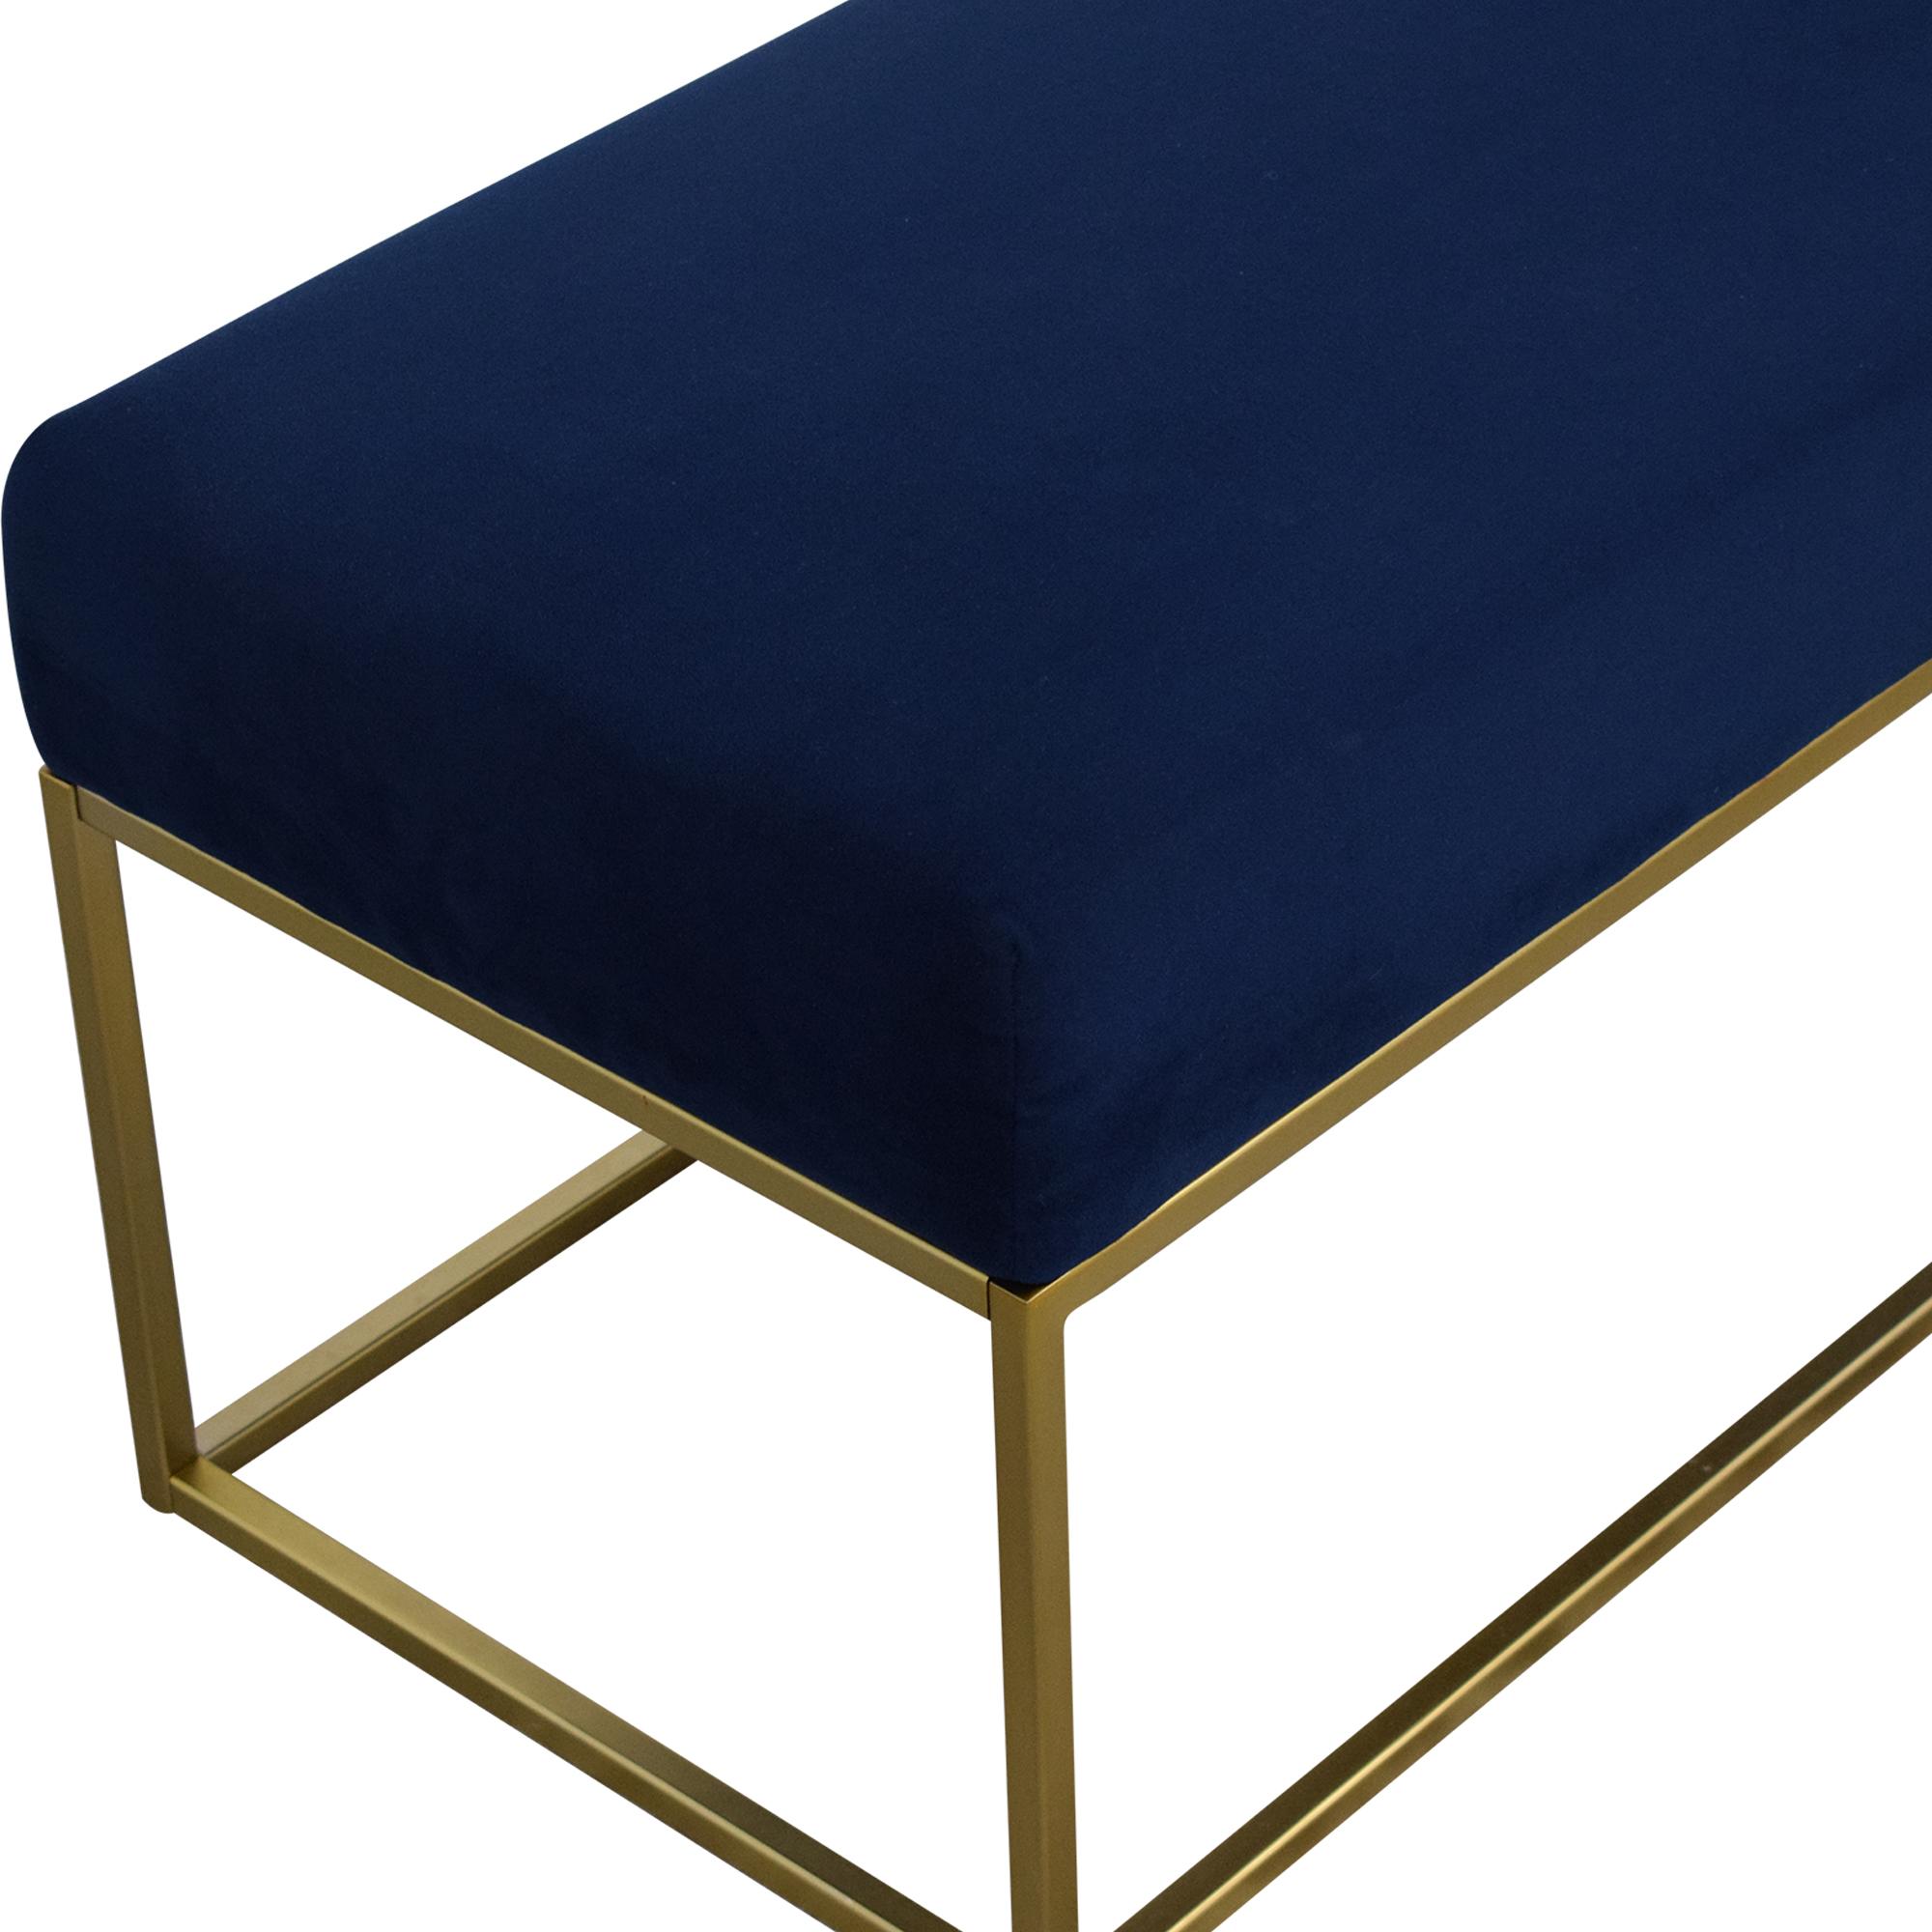 buy West Elm West Elm Box Frame Upholstered Bench online